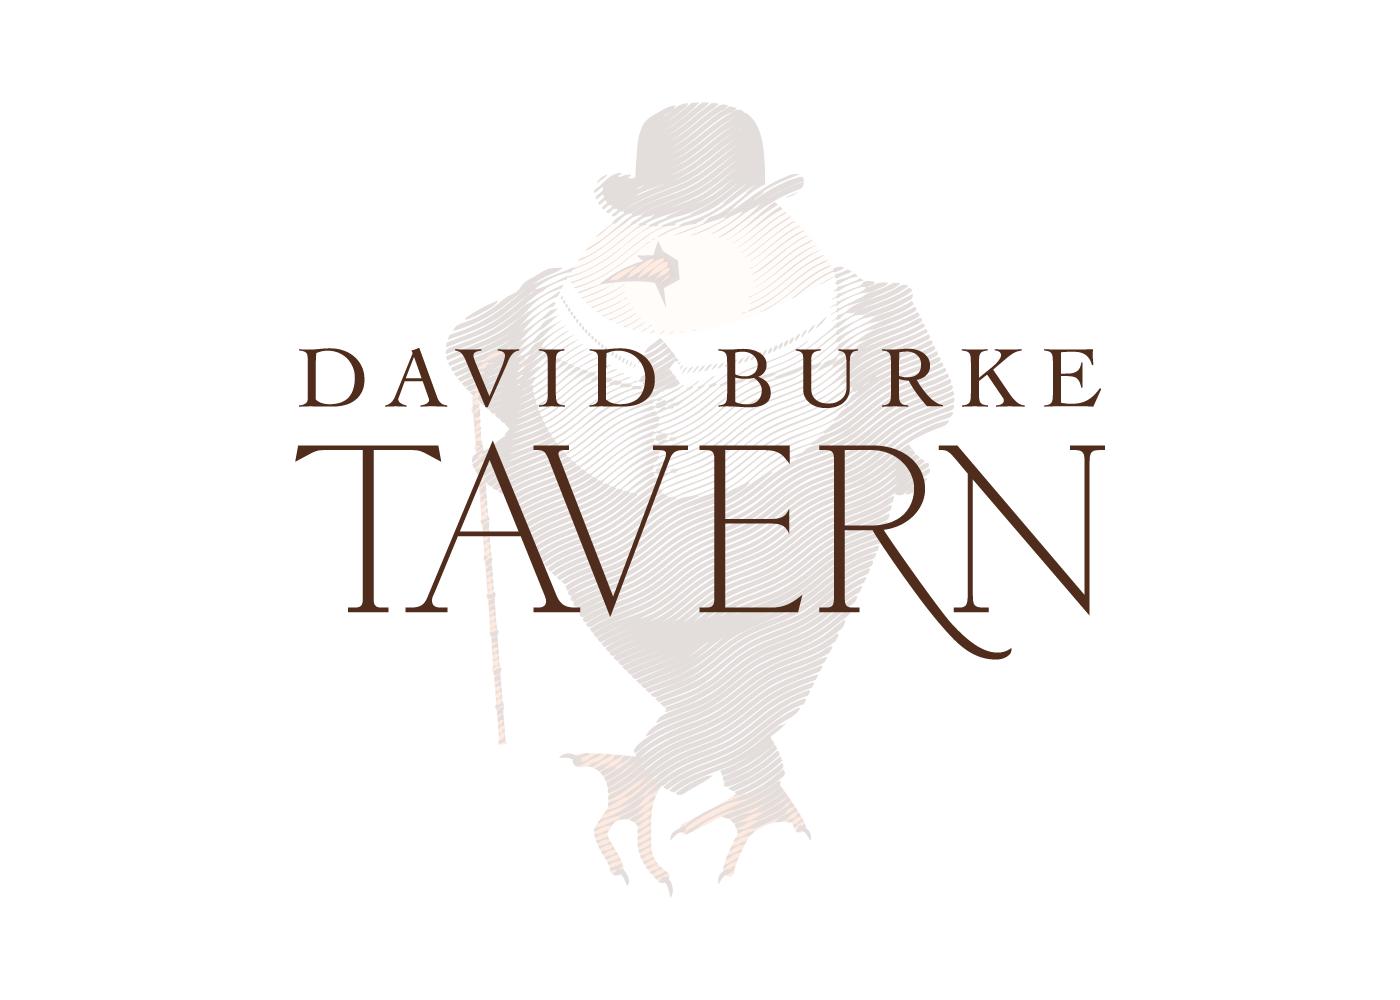 David Burke Tavern logo